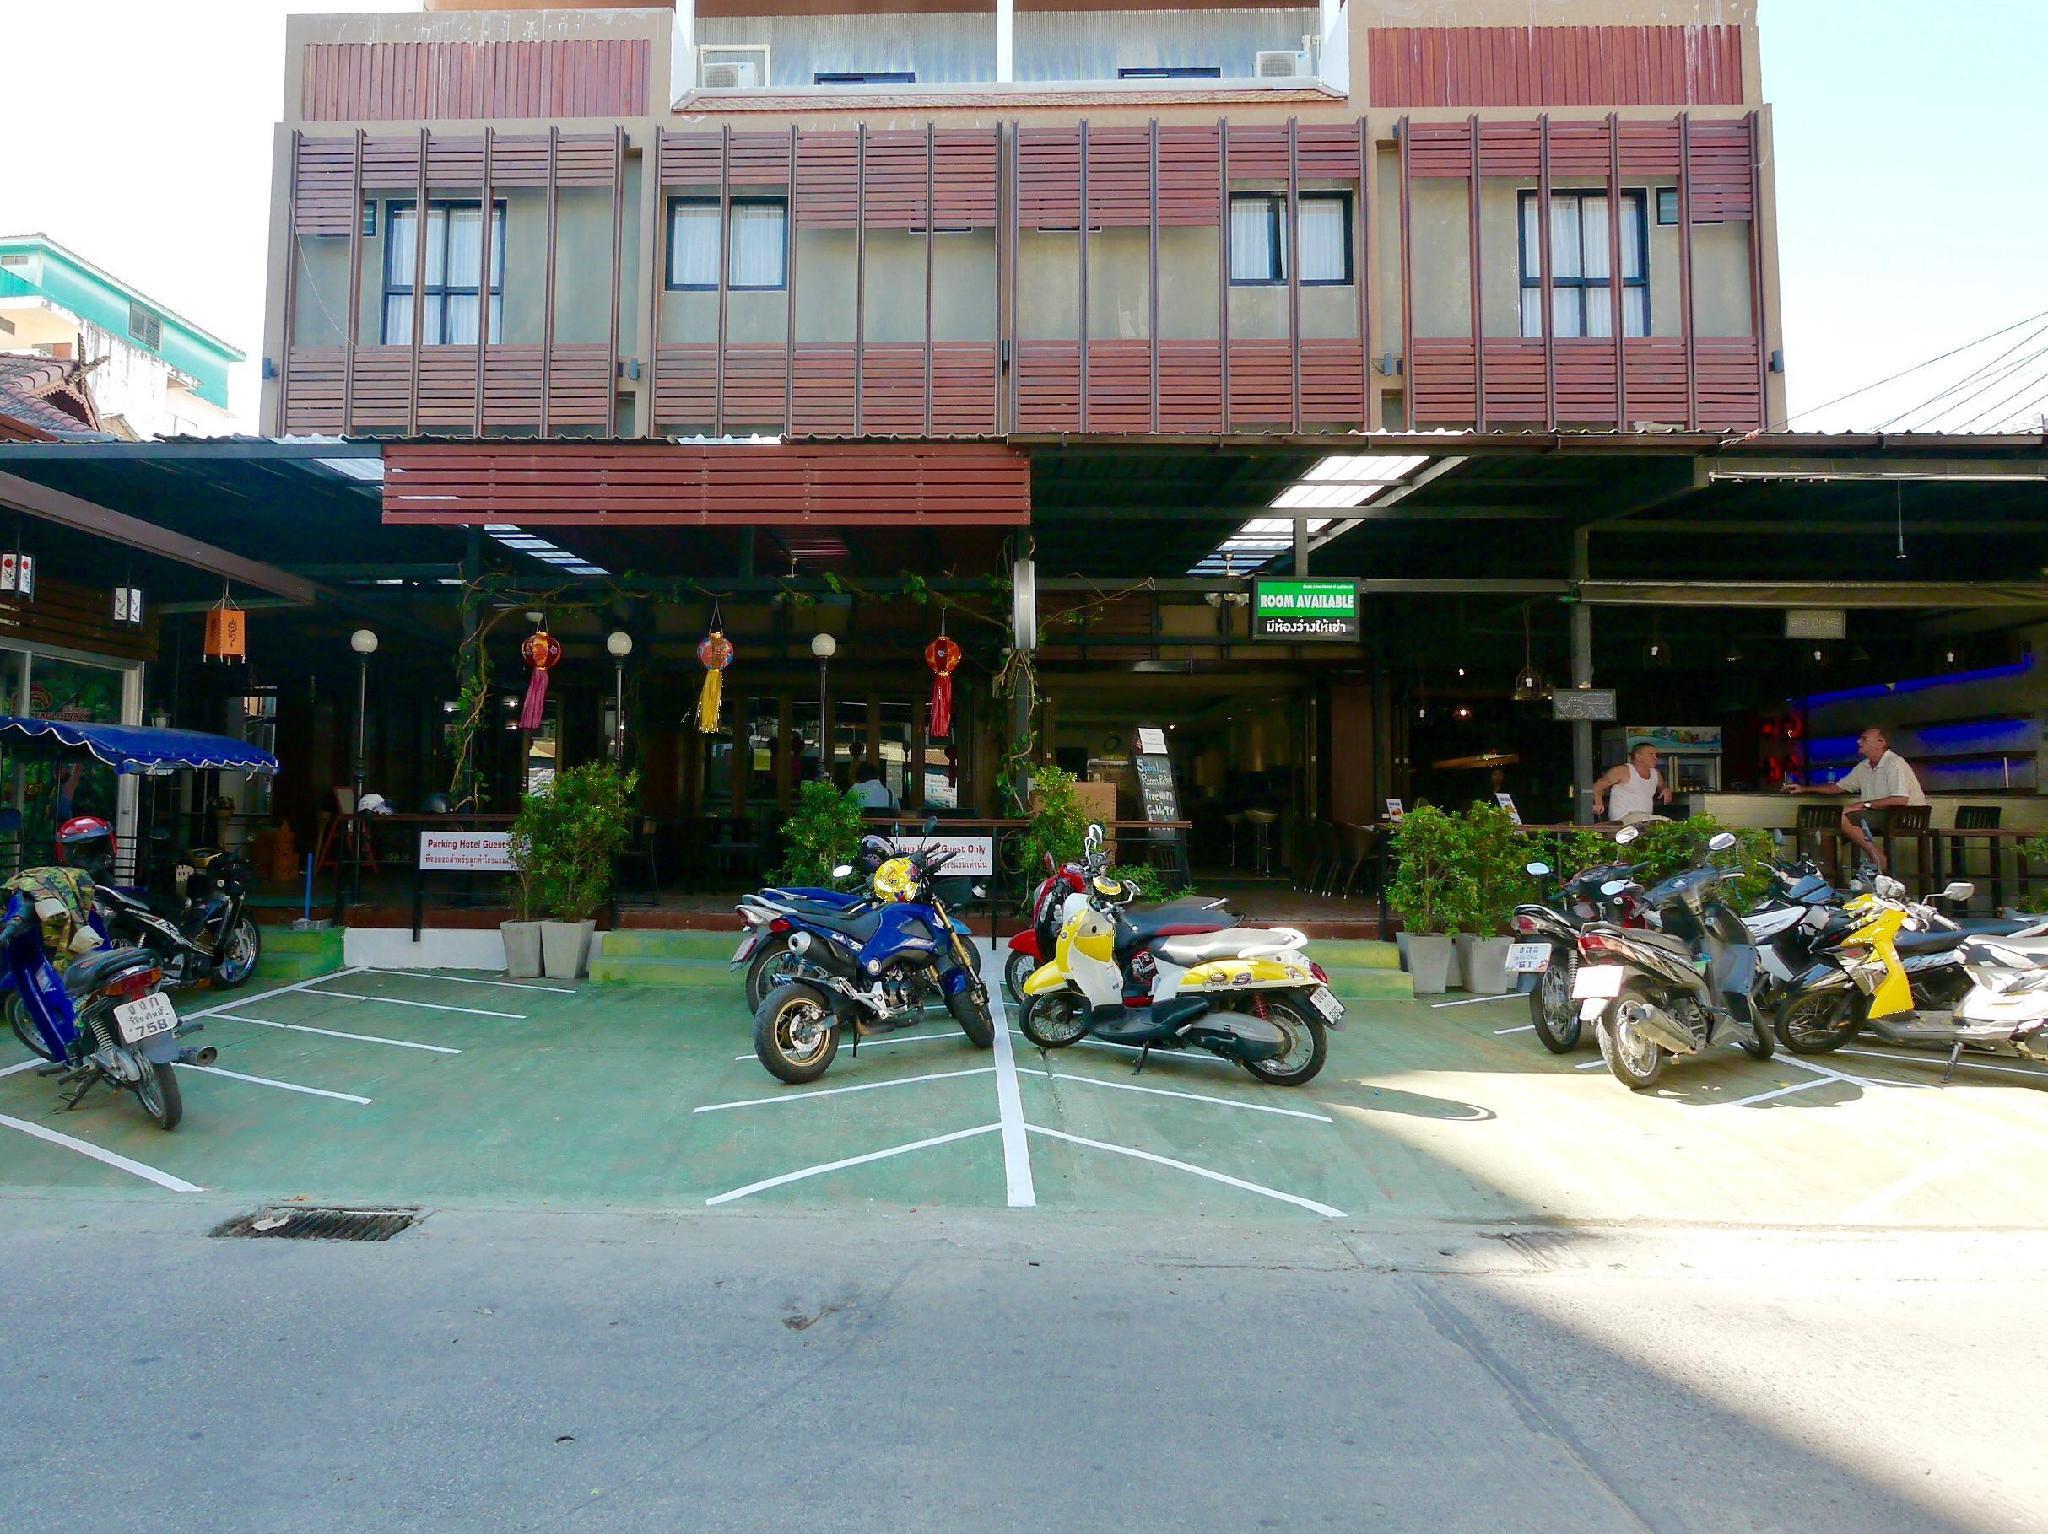 ประหยัดกว่า เบสิค ไลน์ โฮเต็ล แอท ลอยเคราะห์ (Basic Line Hotel at Loikroh) SALE